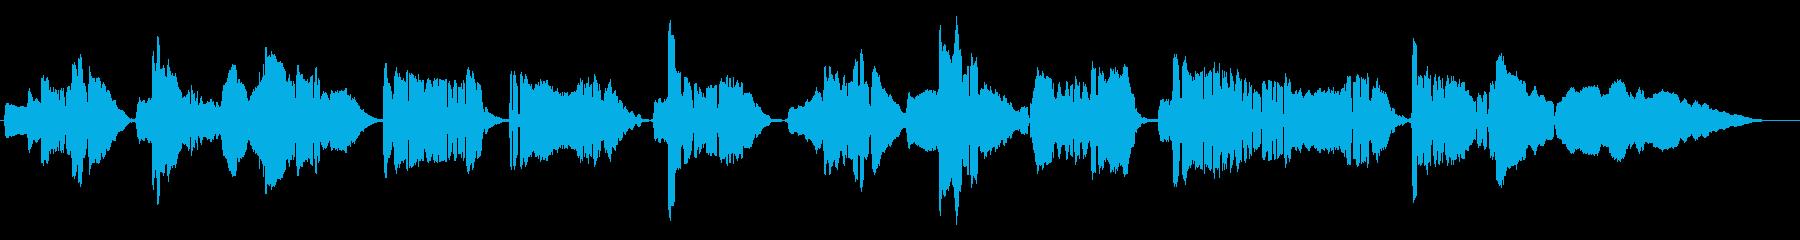 ピアニカとサックスのデュオの再生済みの波形